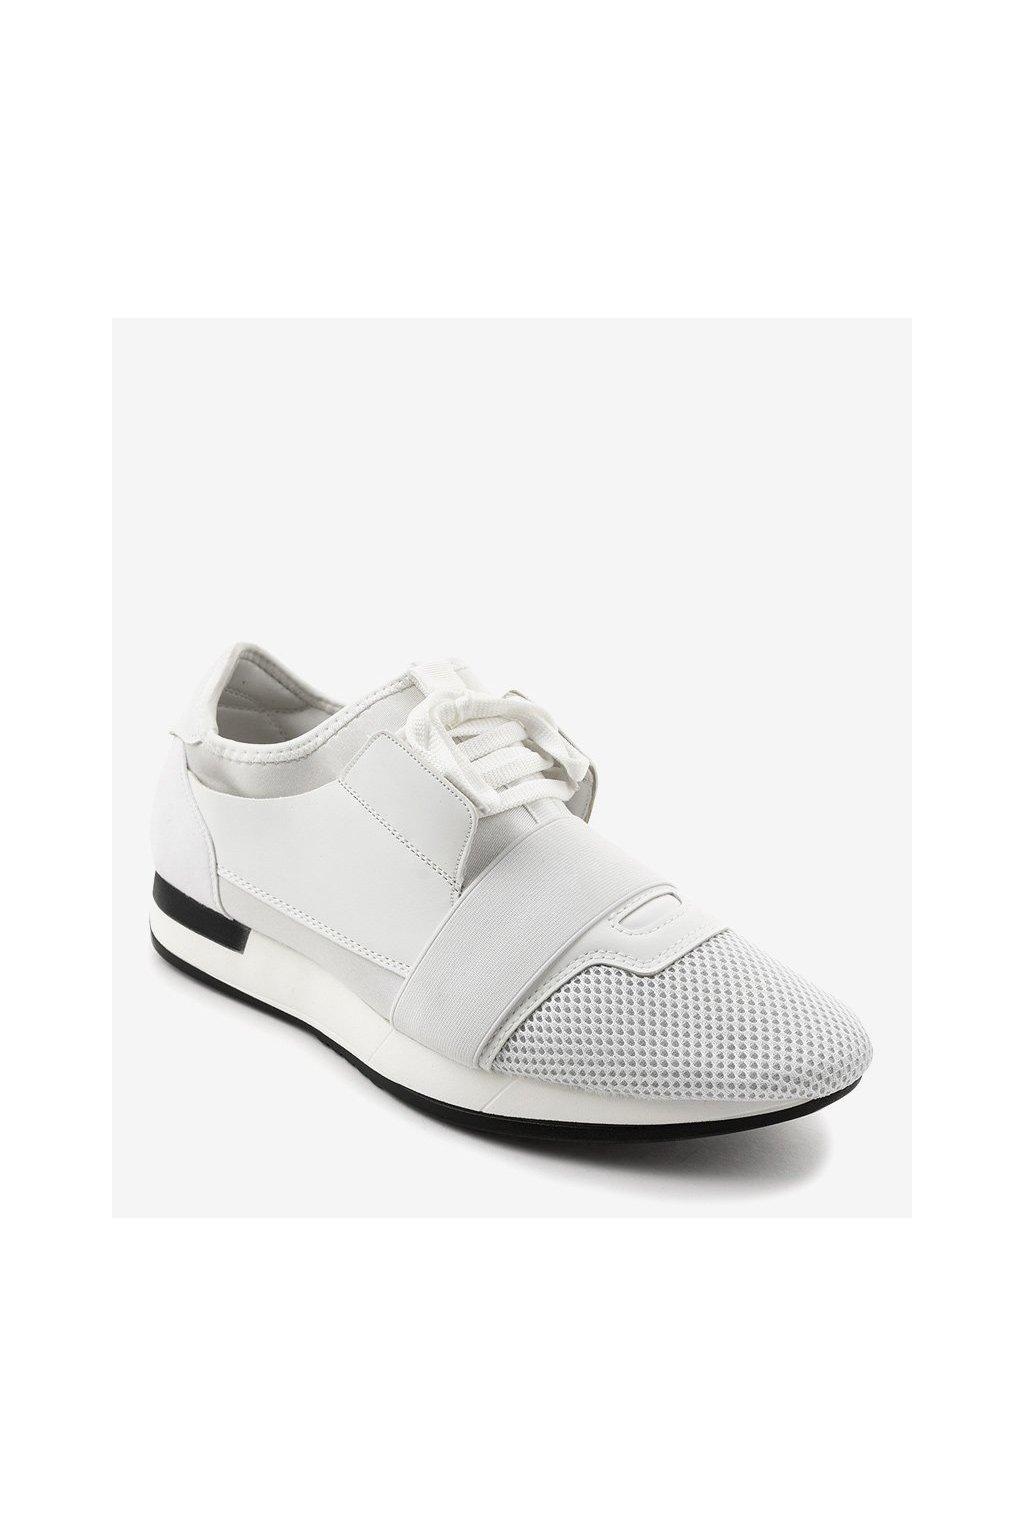 Pánske topánky tenisky biele kód B18-101 WHITE - GM